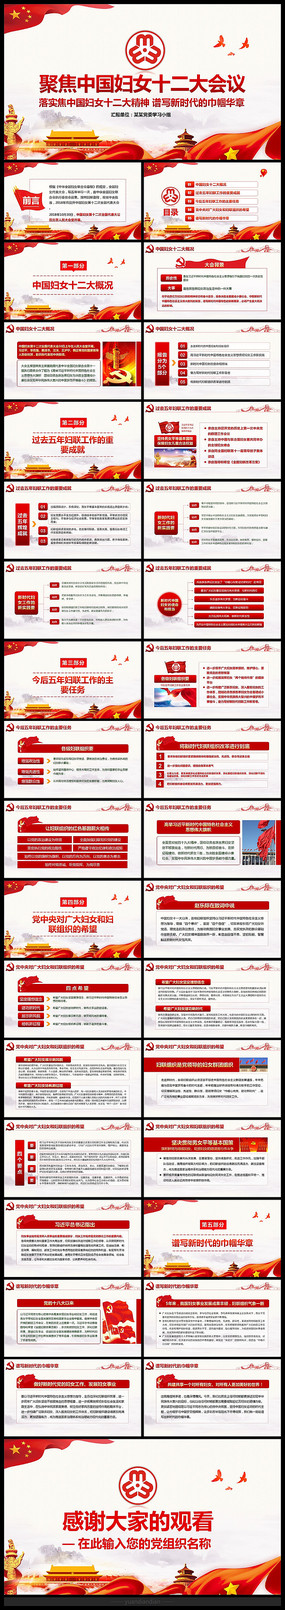 精讲中国妇女十二大会议PPT pptx